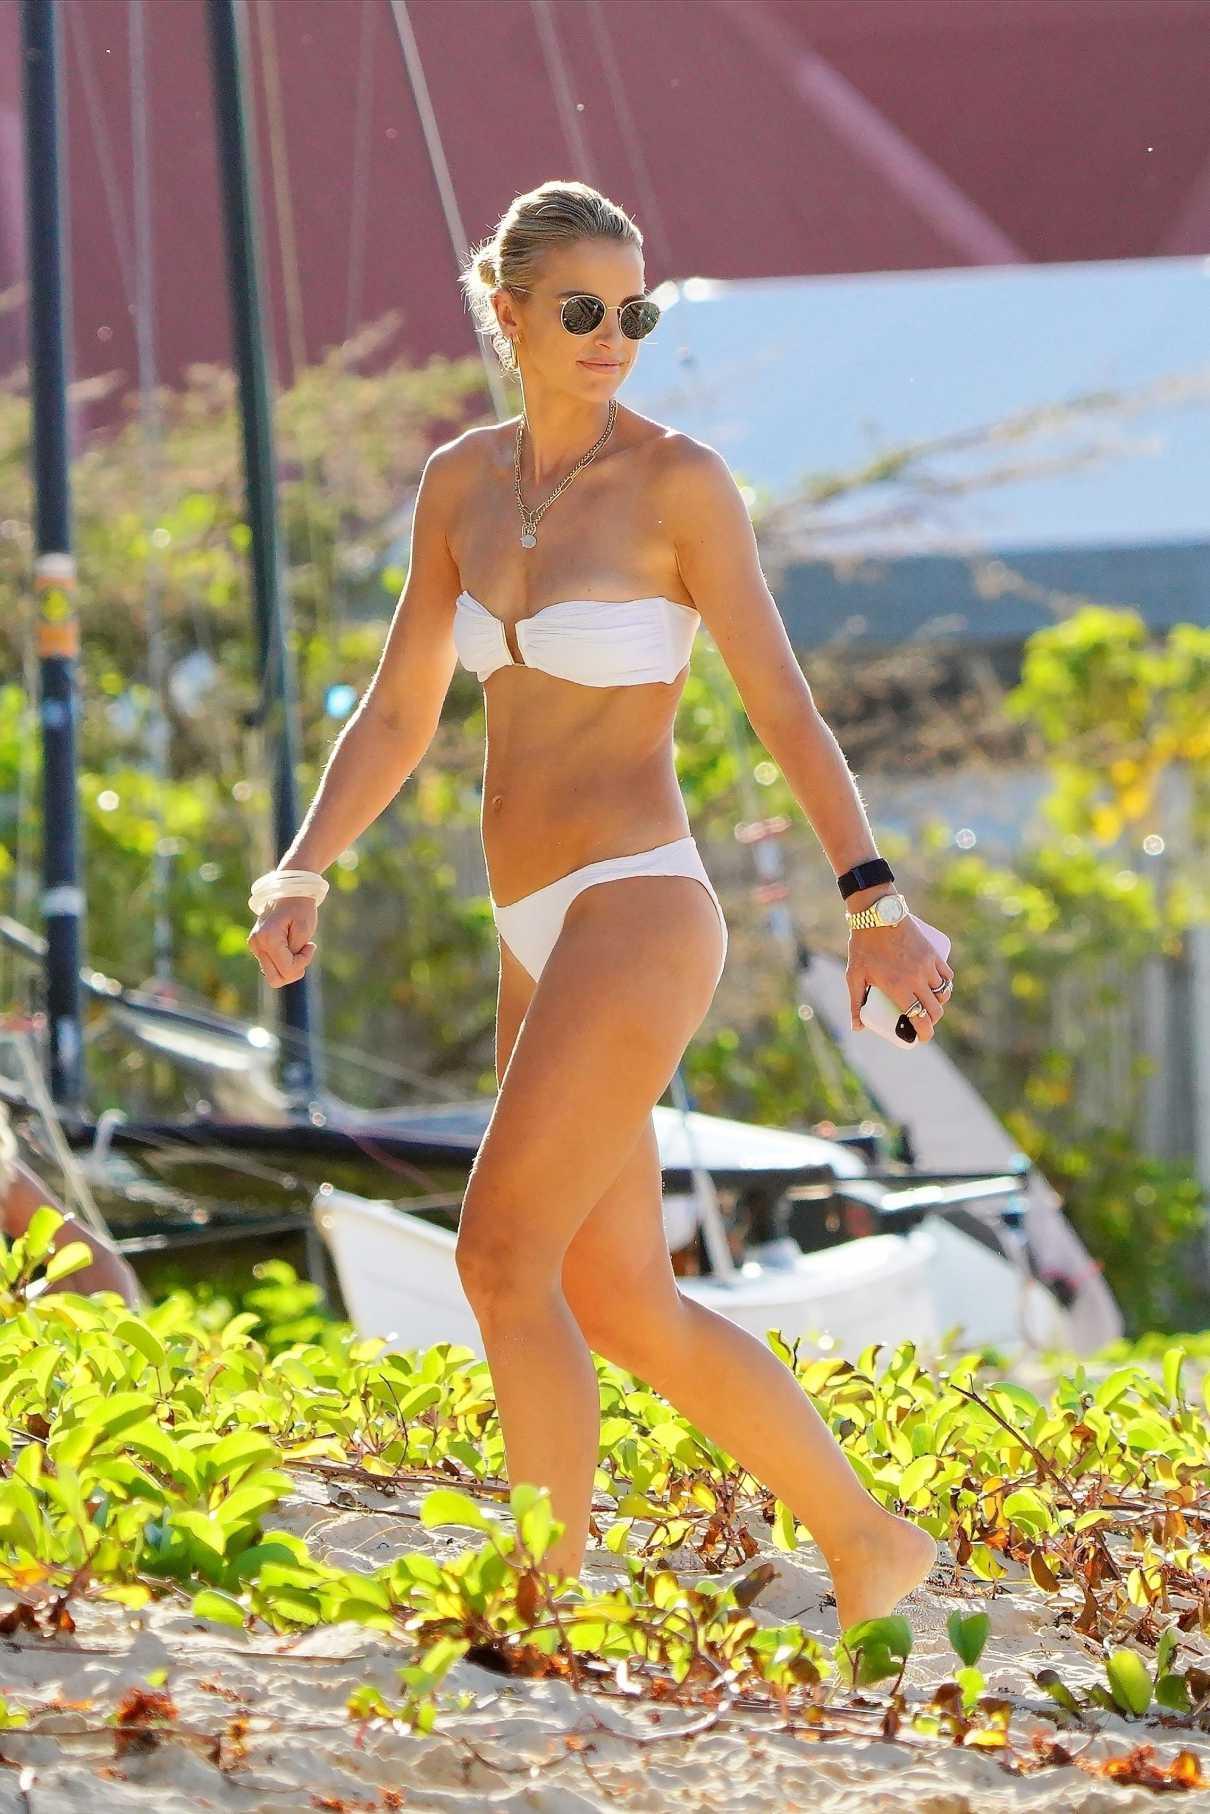 Vogue Williams in a White Bikini